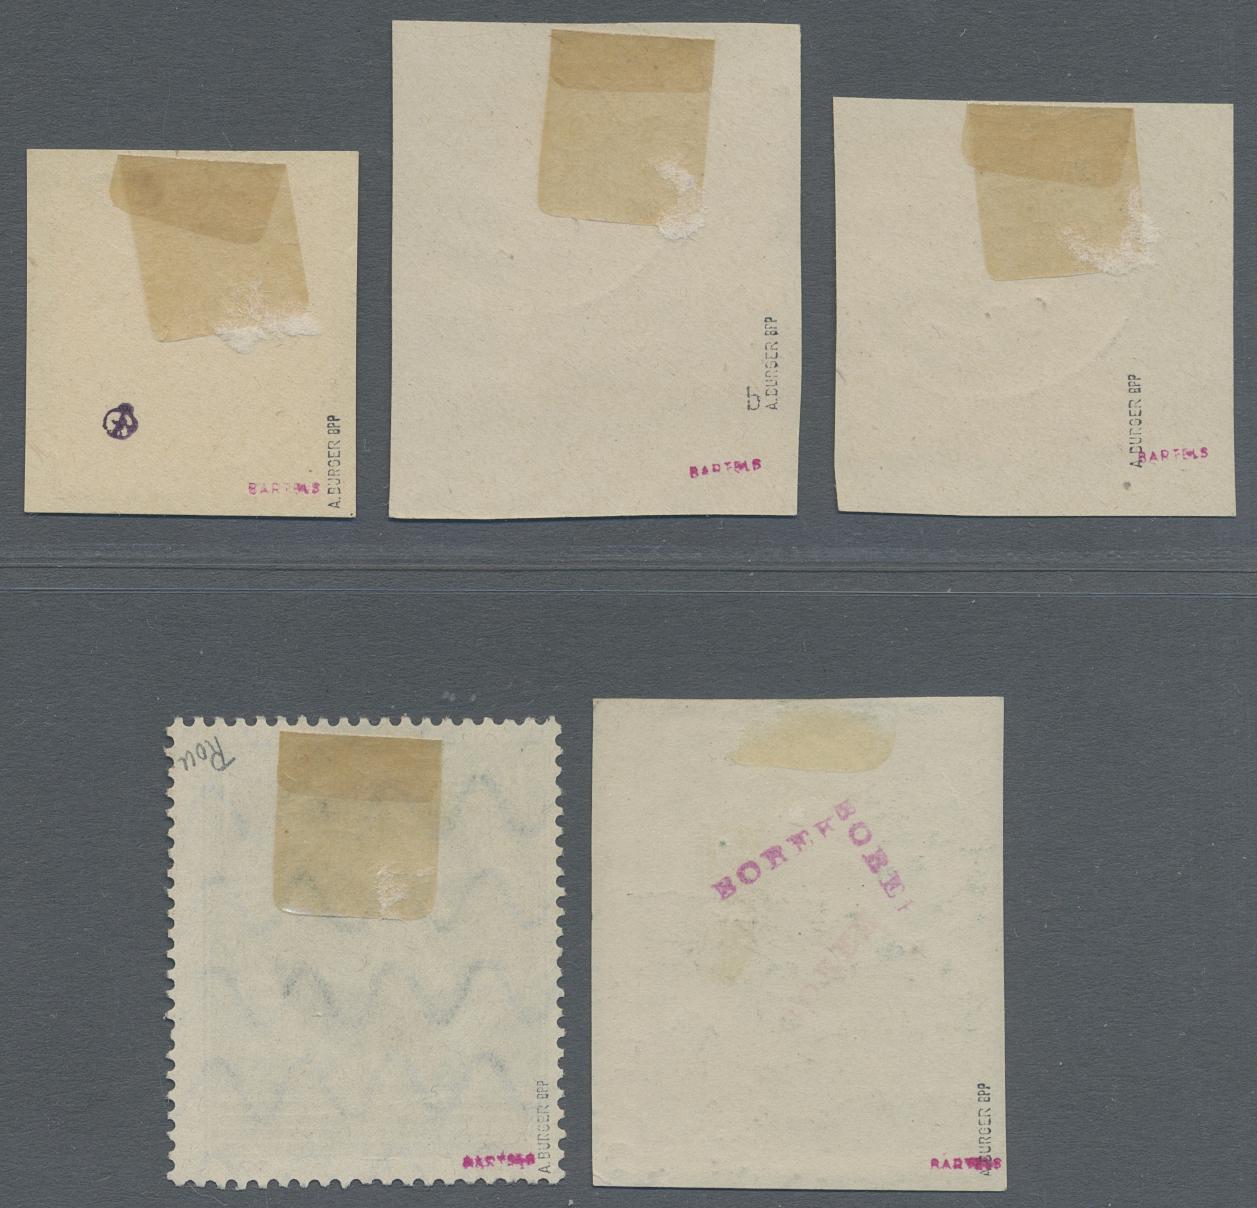 Lot 05997 - Deutsche Abstimmungsgebiete: Saargebiet  -  Auktionshaus Christoph Gärtner GmbH & Co. KG Special Auction 26.- 28. May 2020 Day 3 Single Lots